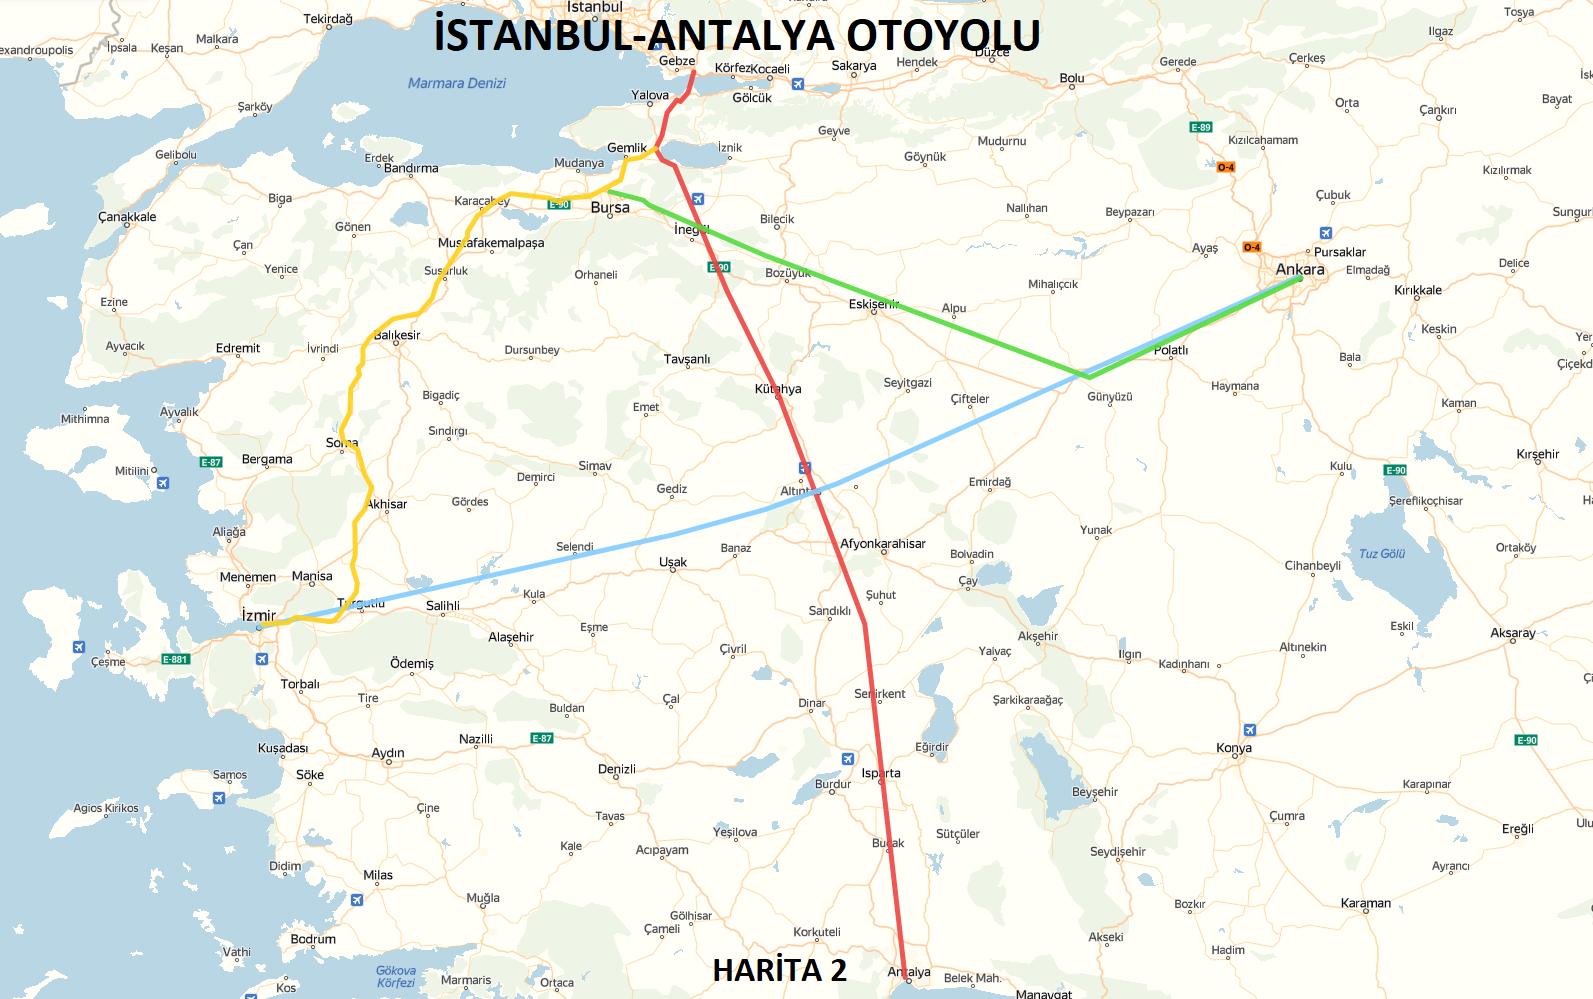 İstanbul-Antalya Otoyolu